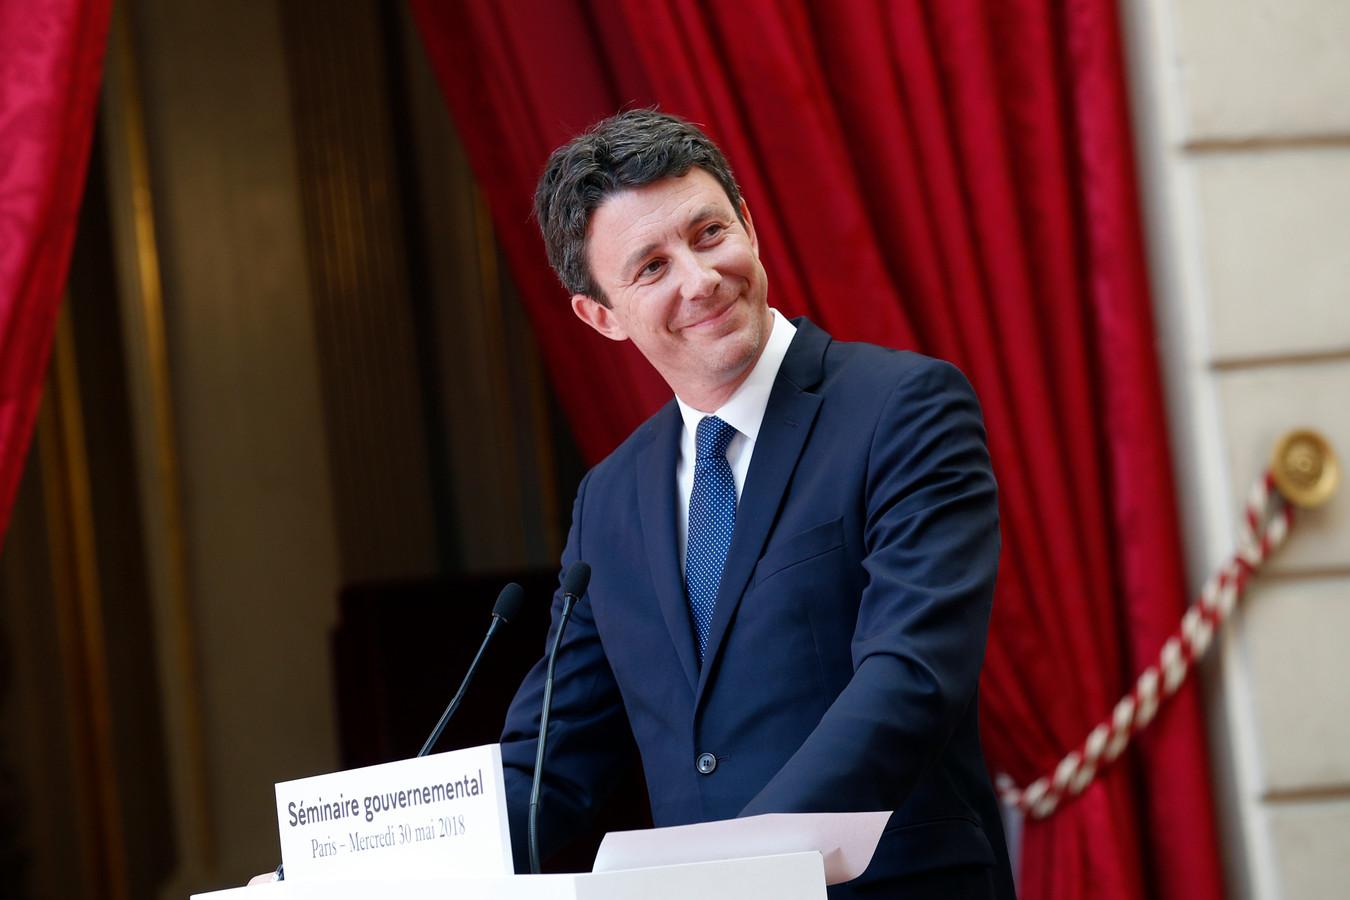 Griveaux is getrouwd met een advocate, met wie hij drie kinderen heeft